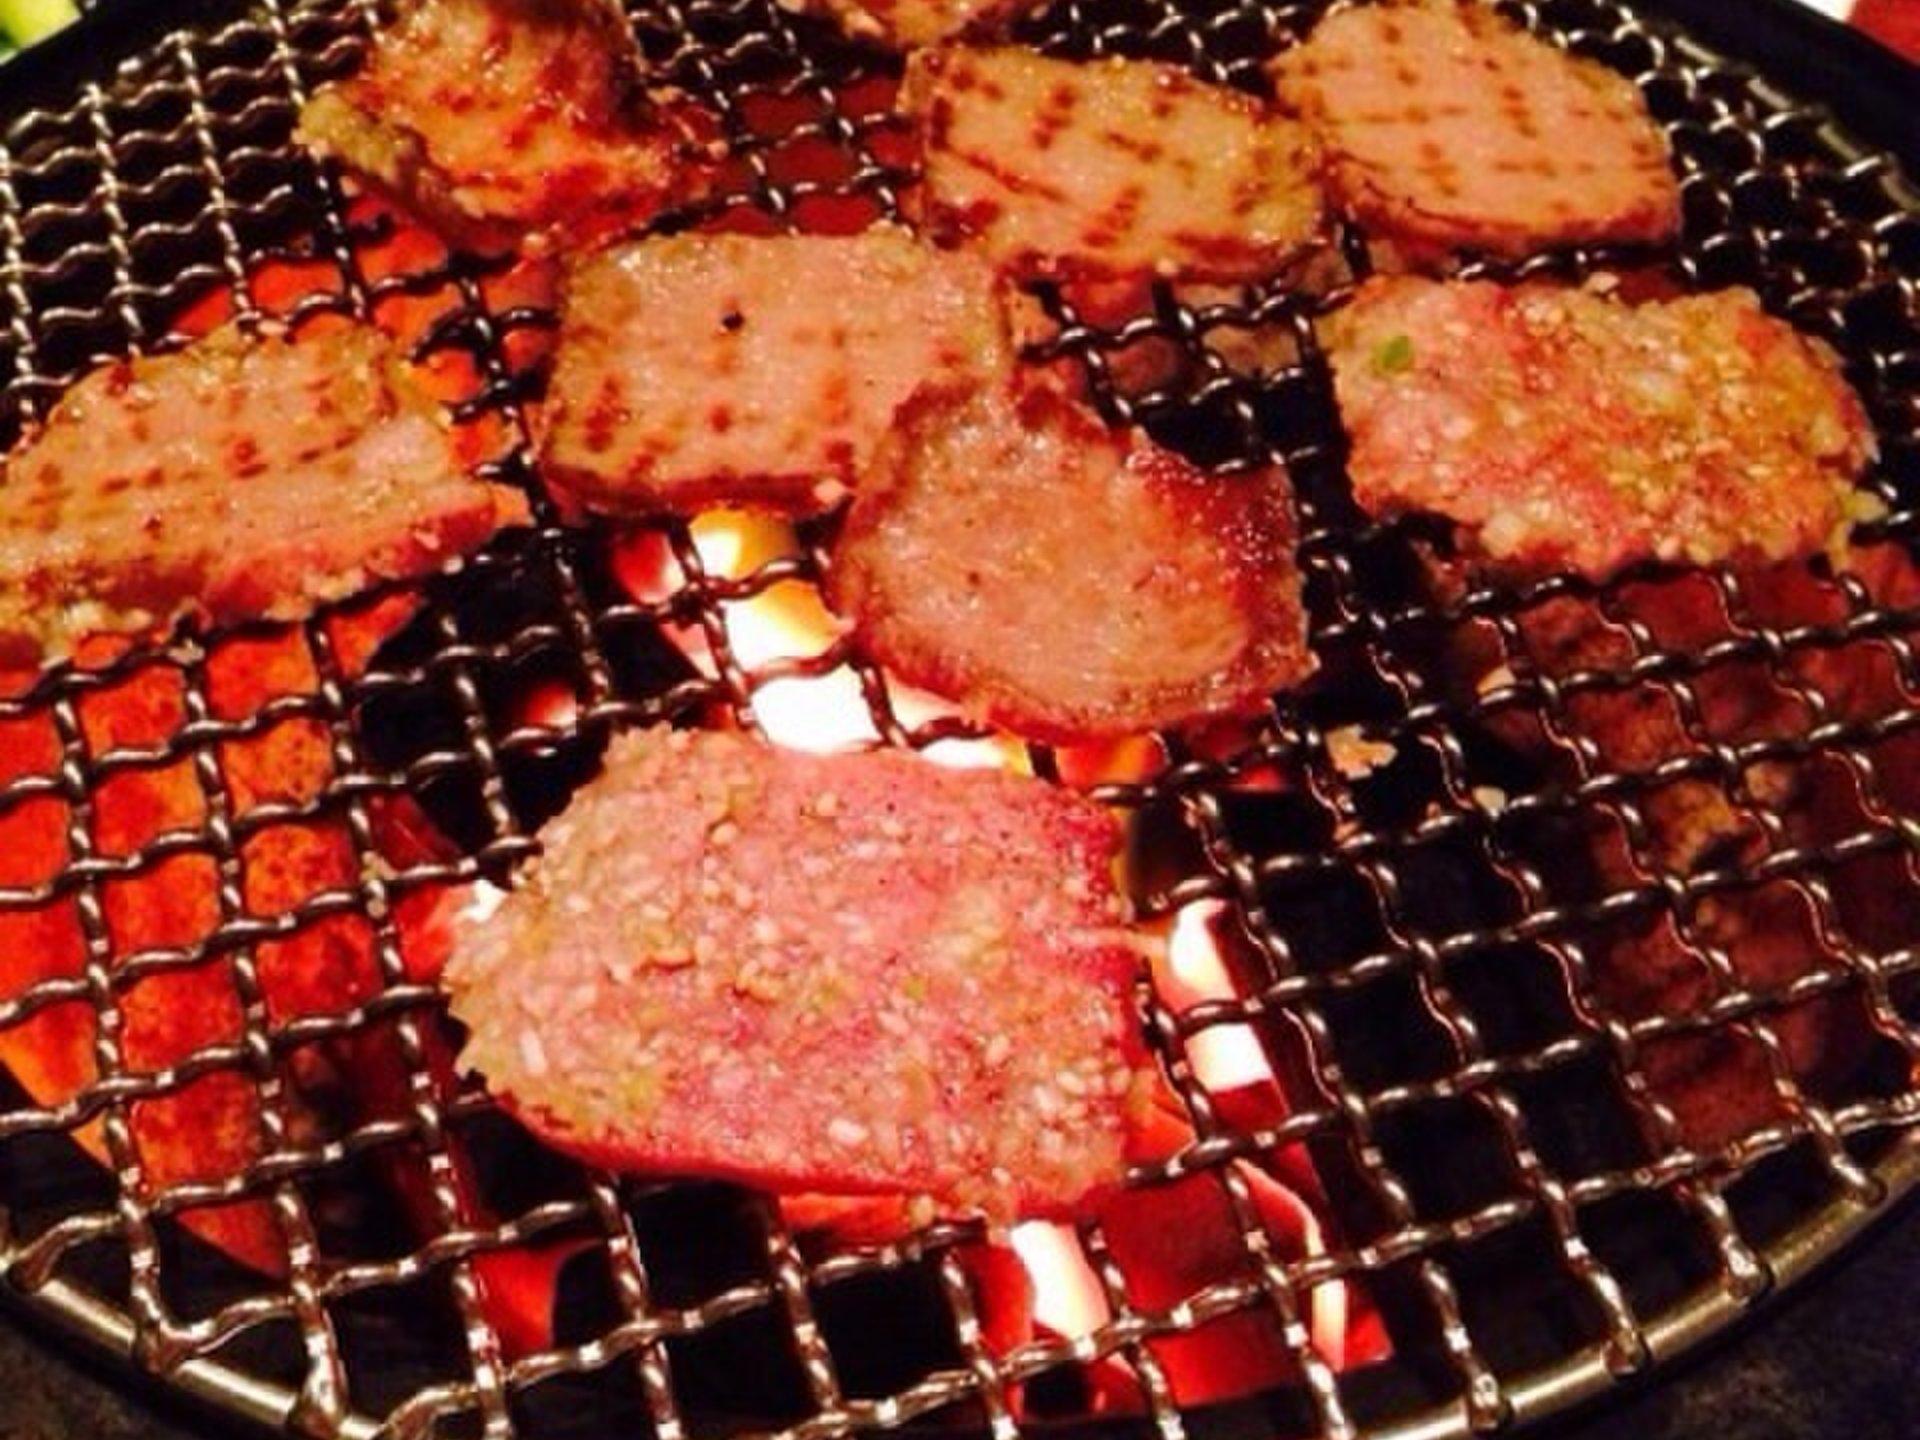 ここだけは行っておきたい!東京都内の絶品おすすめ焼肉スポット5選